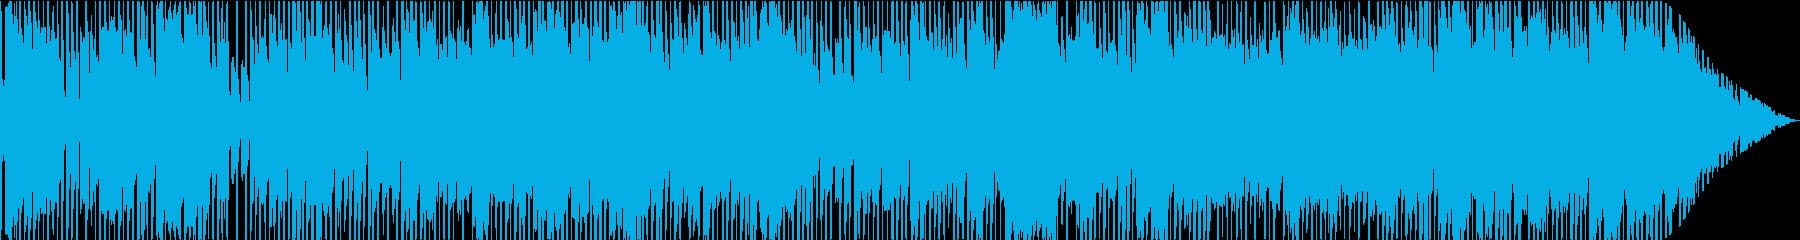 グルーヴィーなエレキギターのメロデ...の再生済みの波形